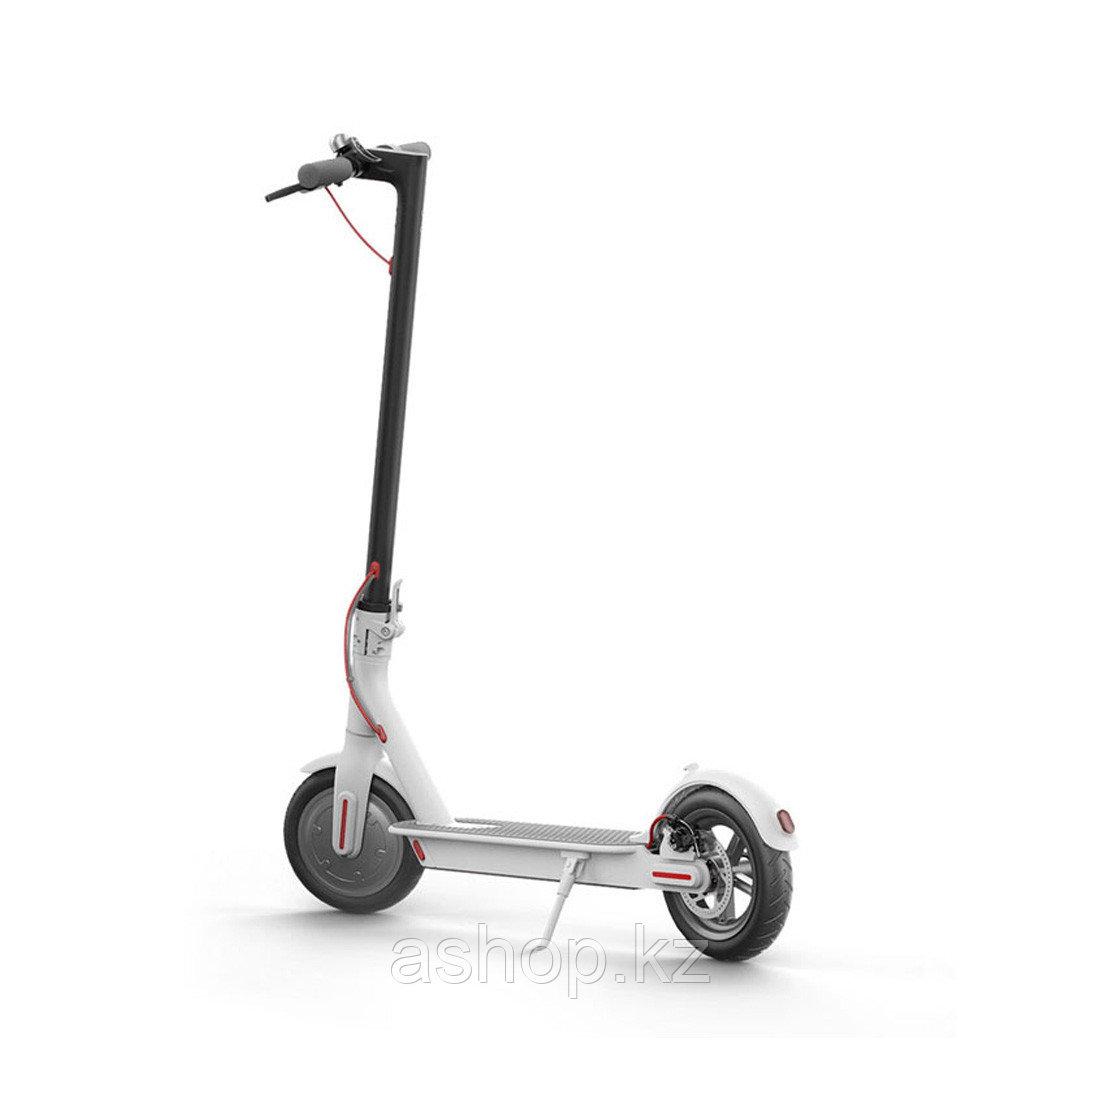 Самокат электрический Xiaomi Mi Electric Scooter, Скорость (max.): 25 max., 18 круиз км\ч, Запас хода: 35 км,